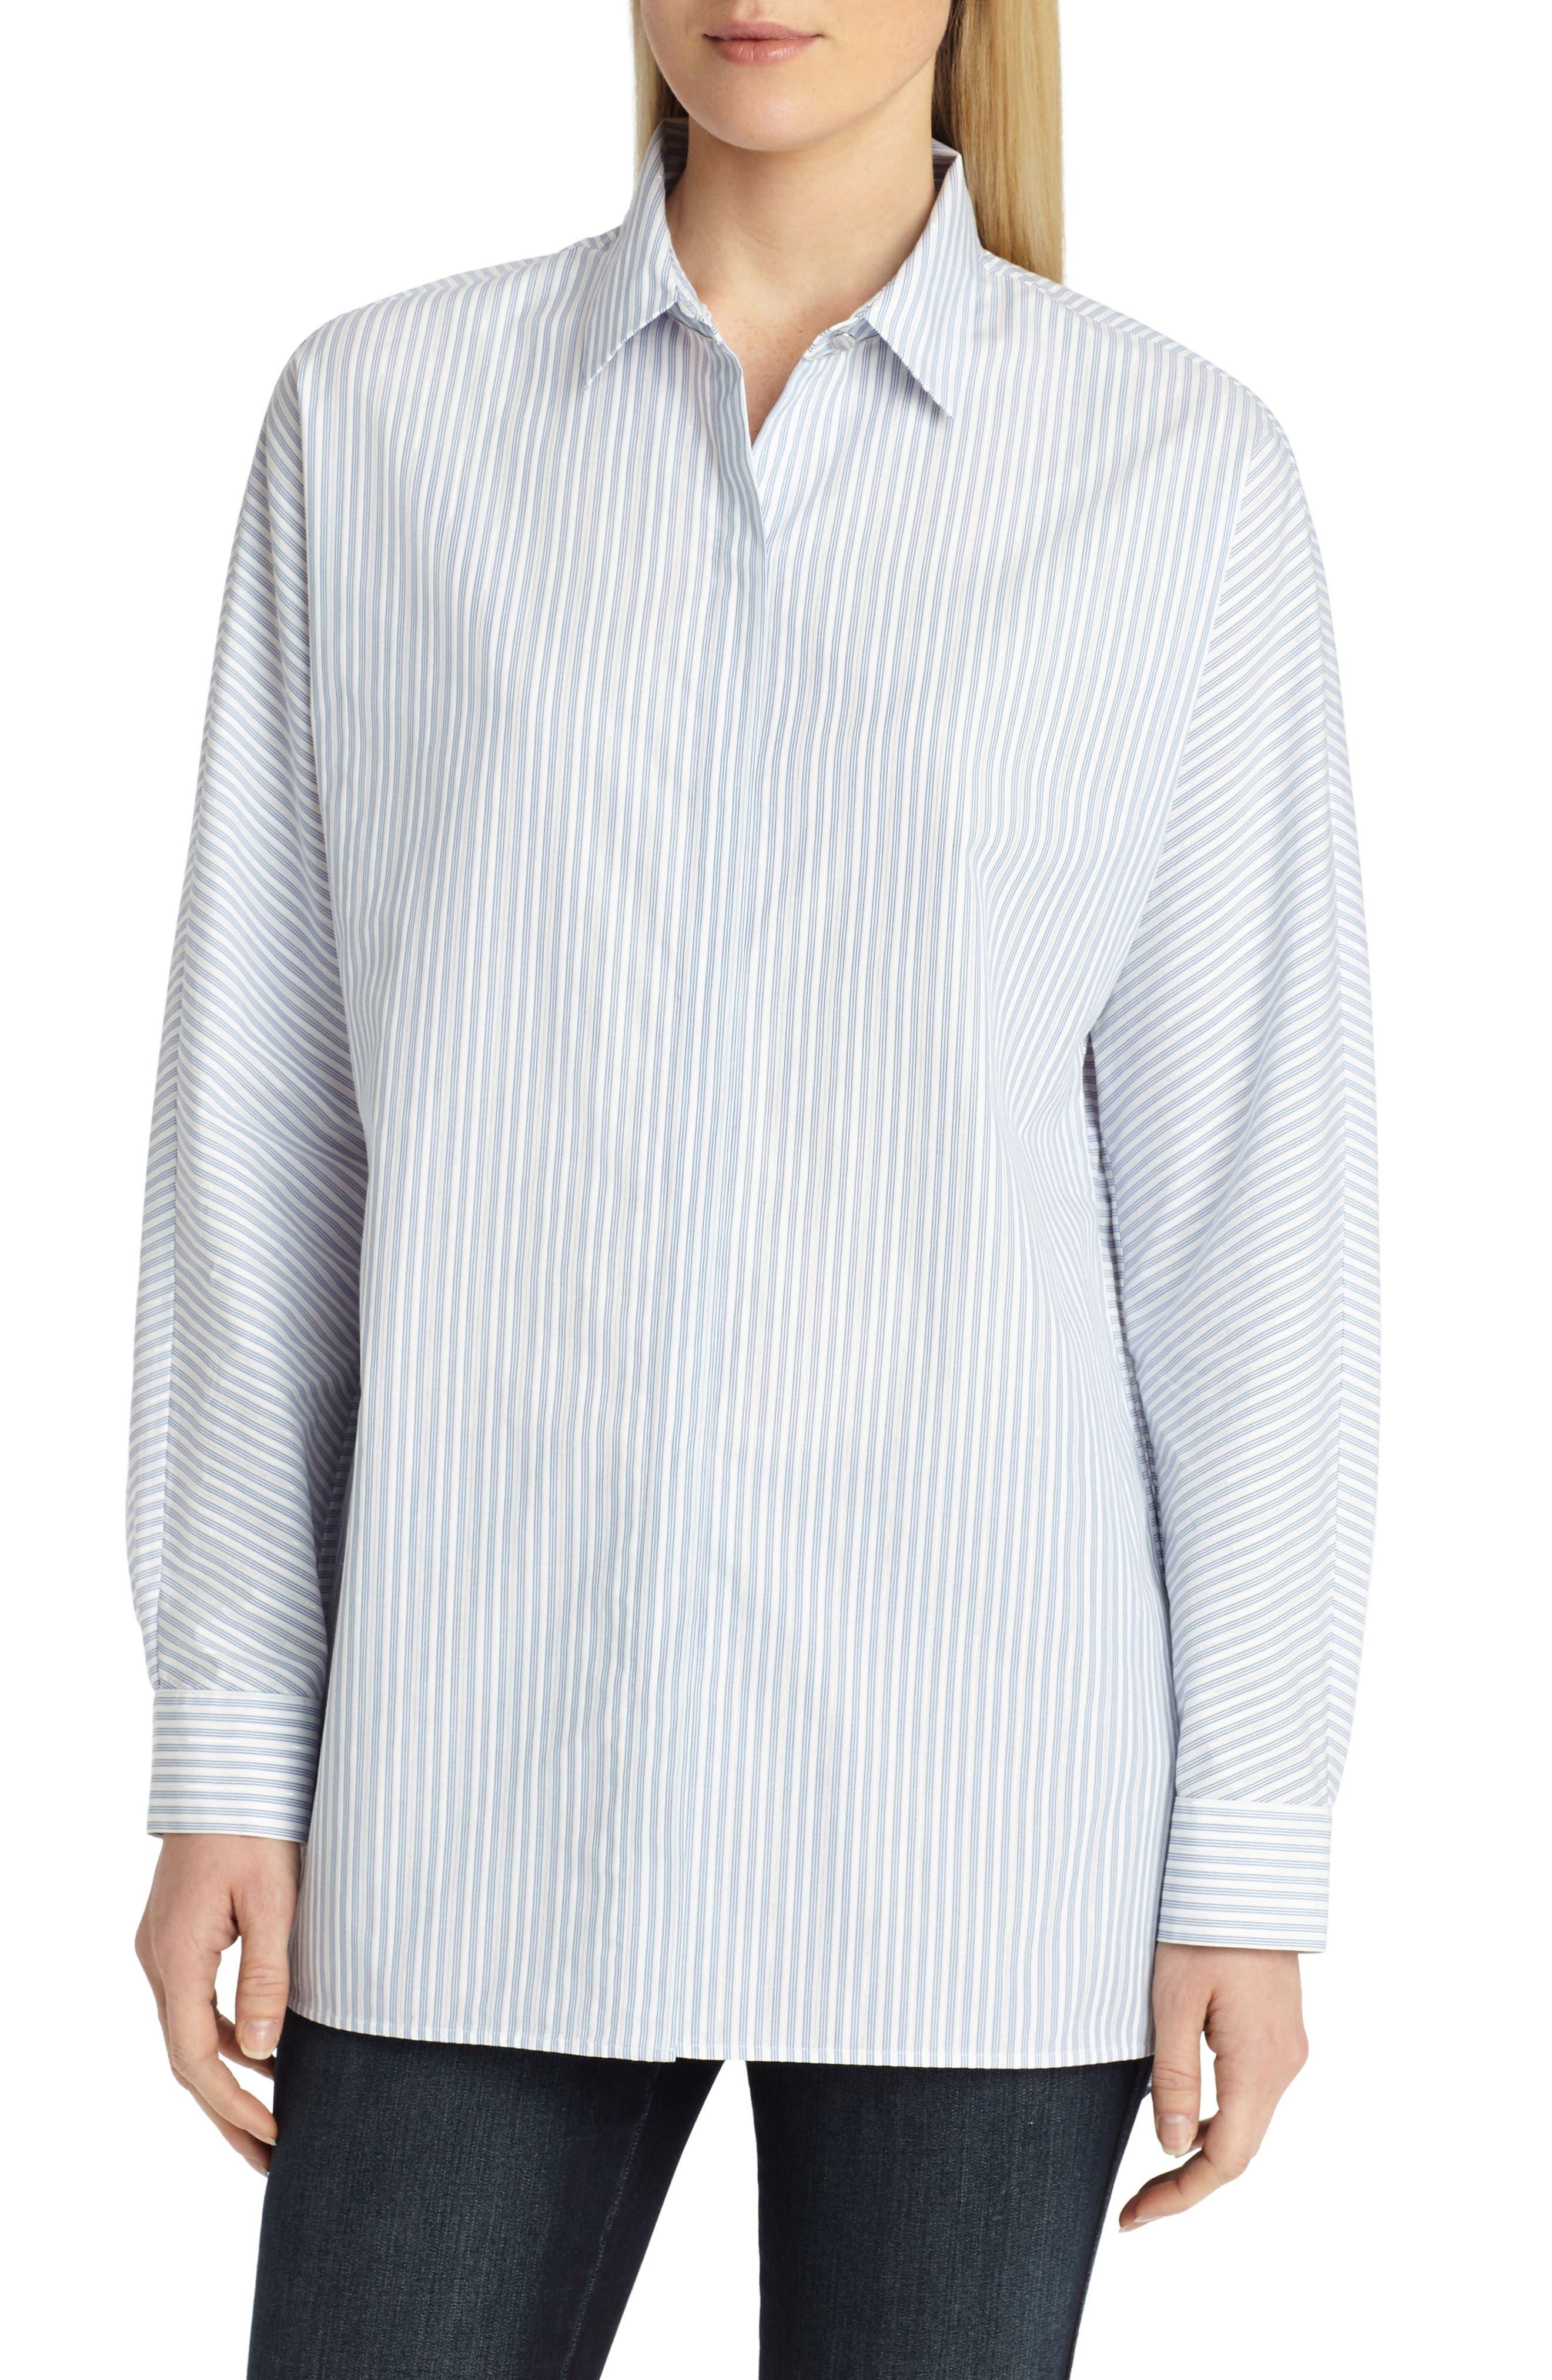 Alyssa Metallic Stripe Blouse,                         Main,                         color, Periwinkle Multi